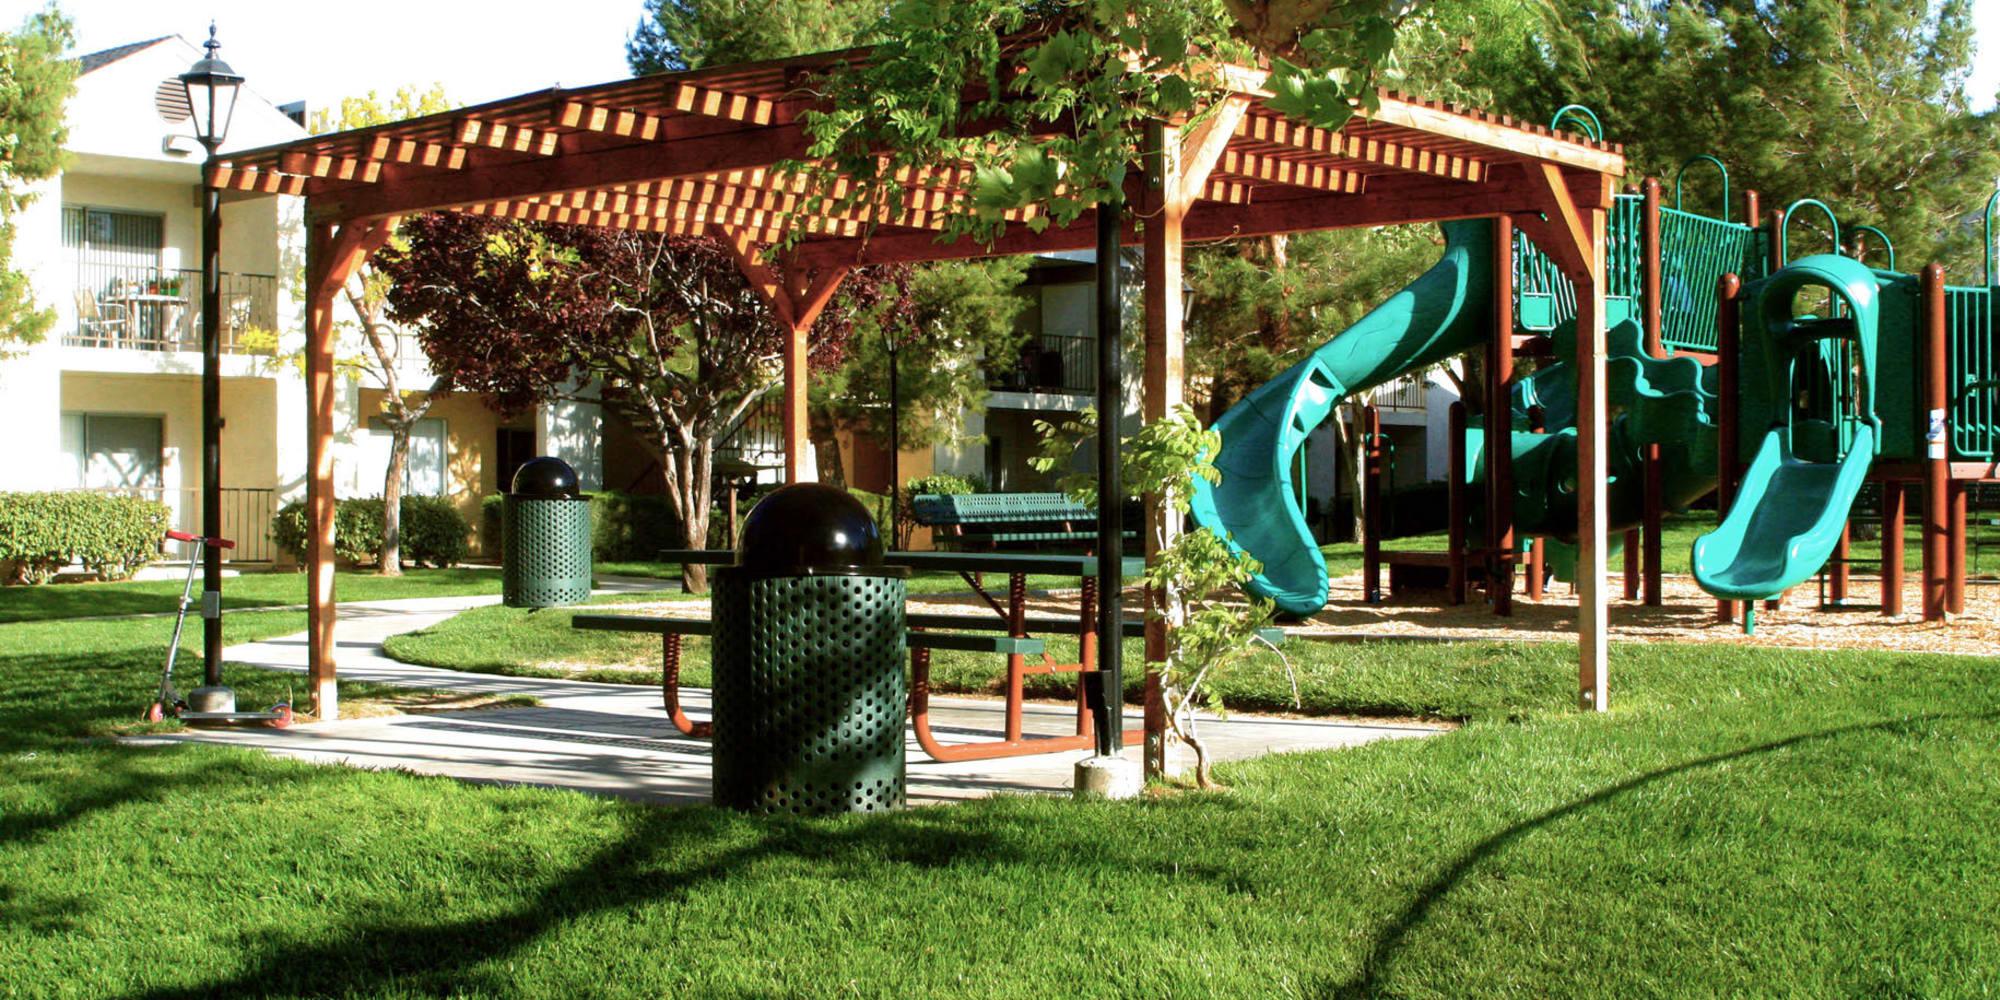 Pergola over a picnic area near the children's playground at Mountain Vista in Victorville, California